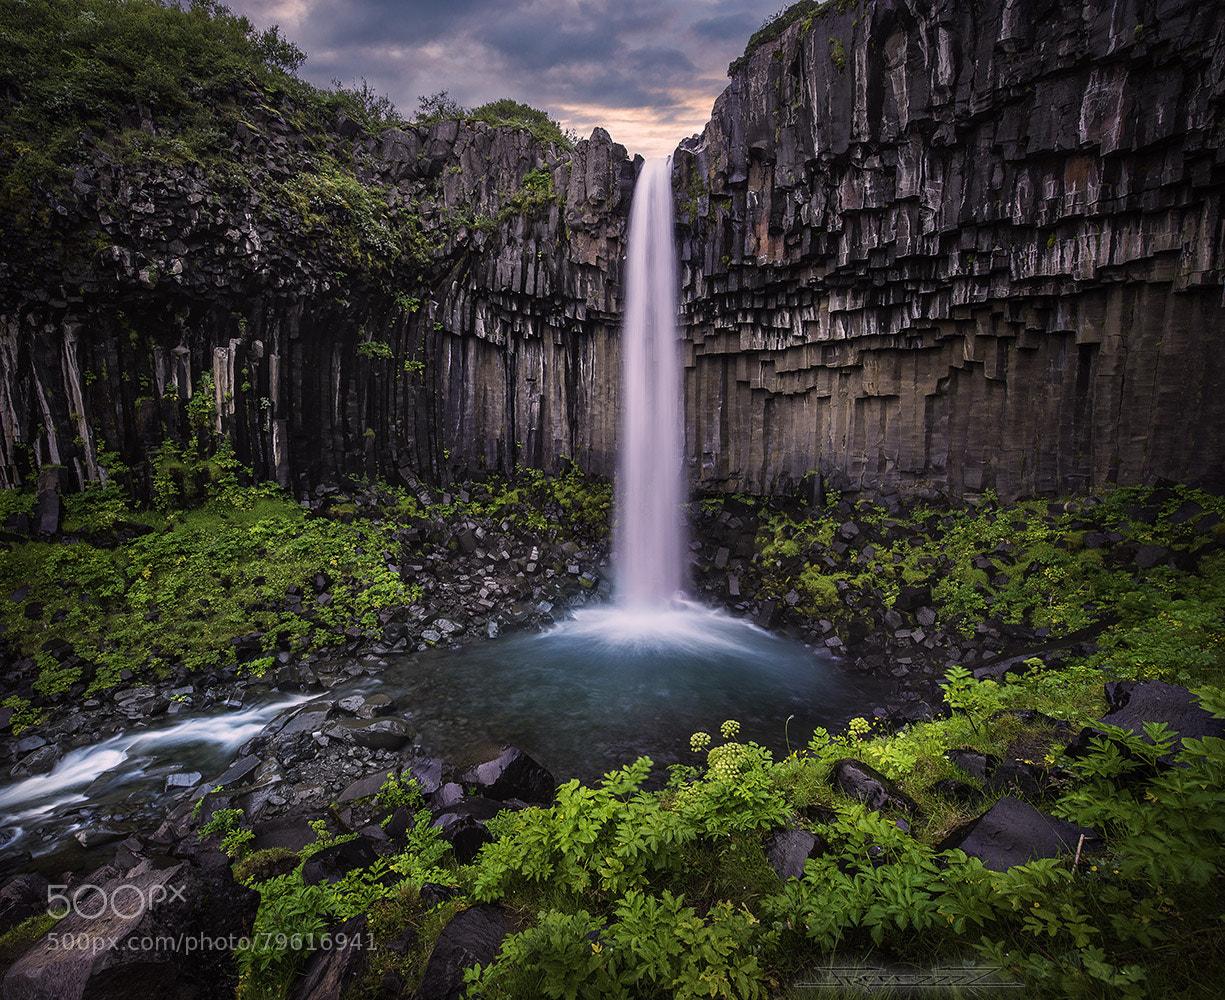 Aasop svartifoss, an icelandic waterfall cutting through a